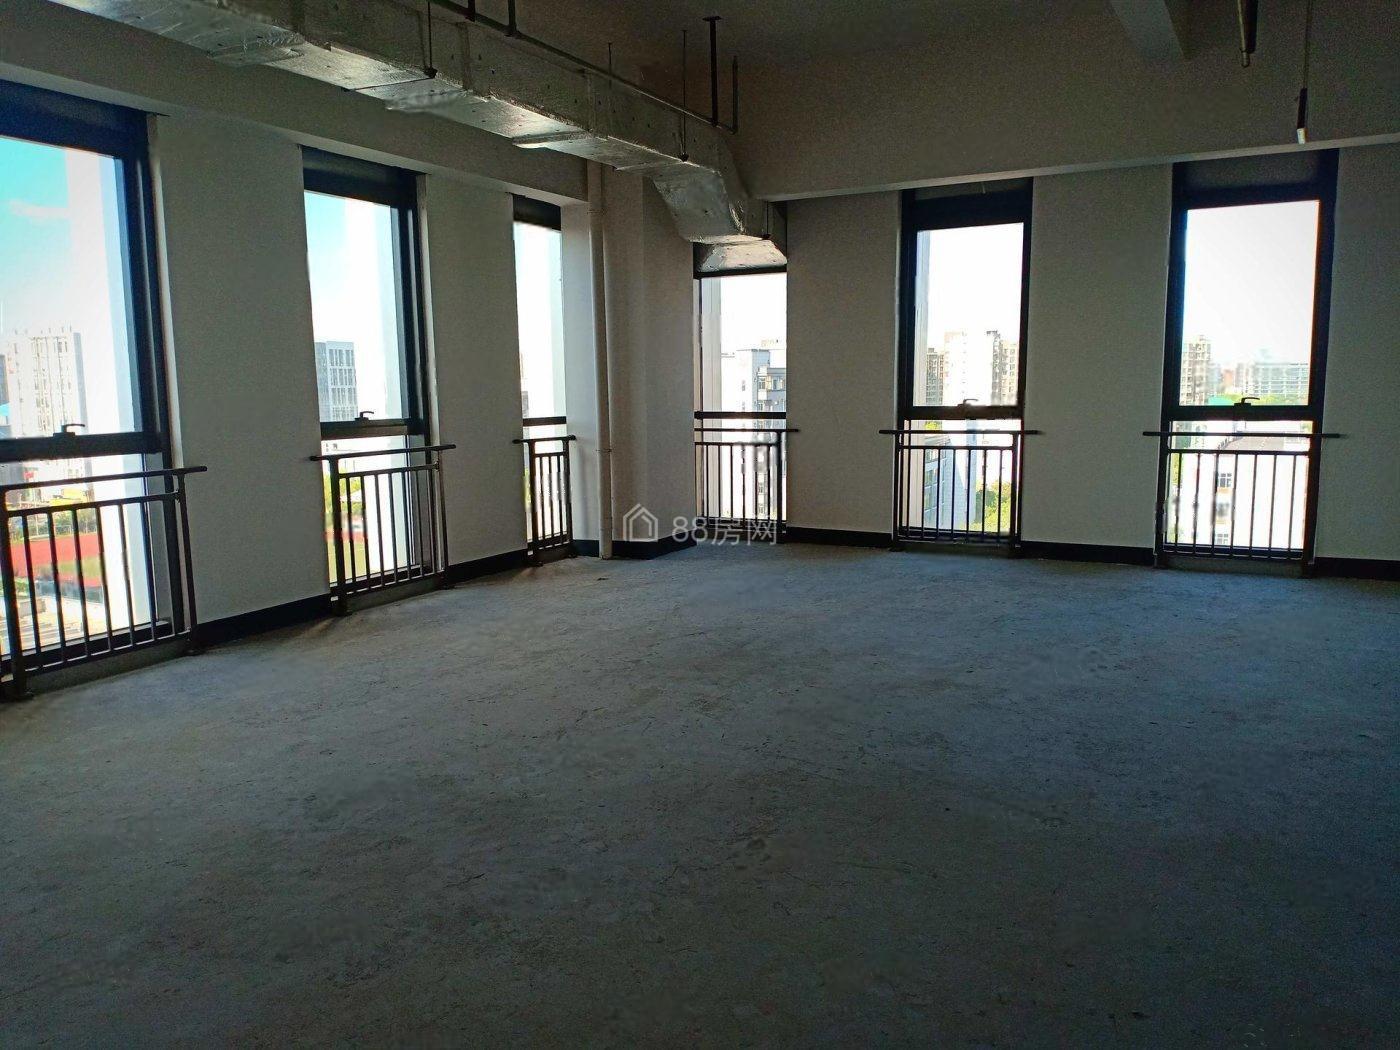 江桥万达对面甲级写字楼华泰中心整层出售,看房随时。